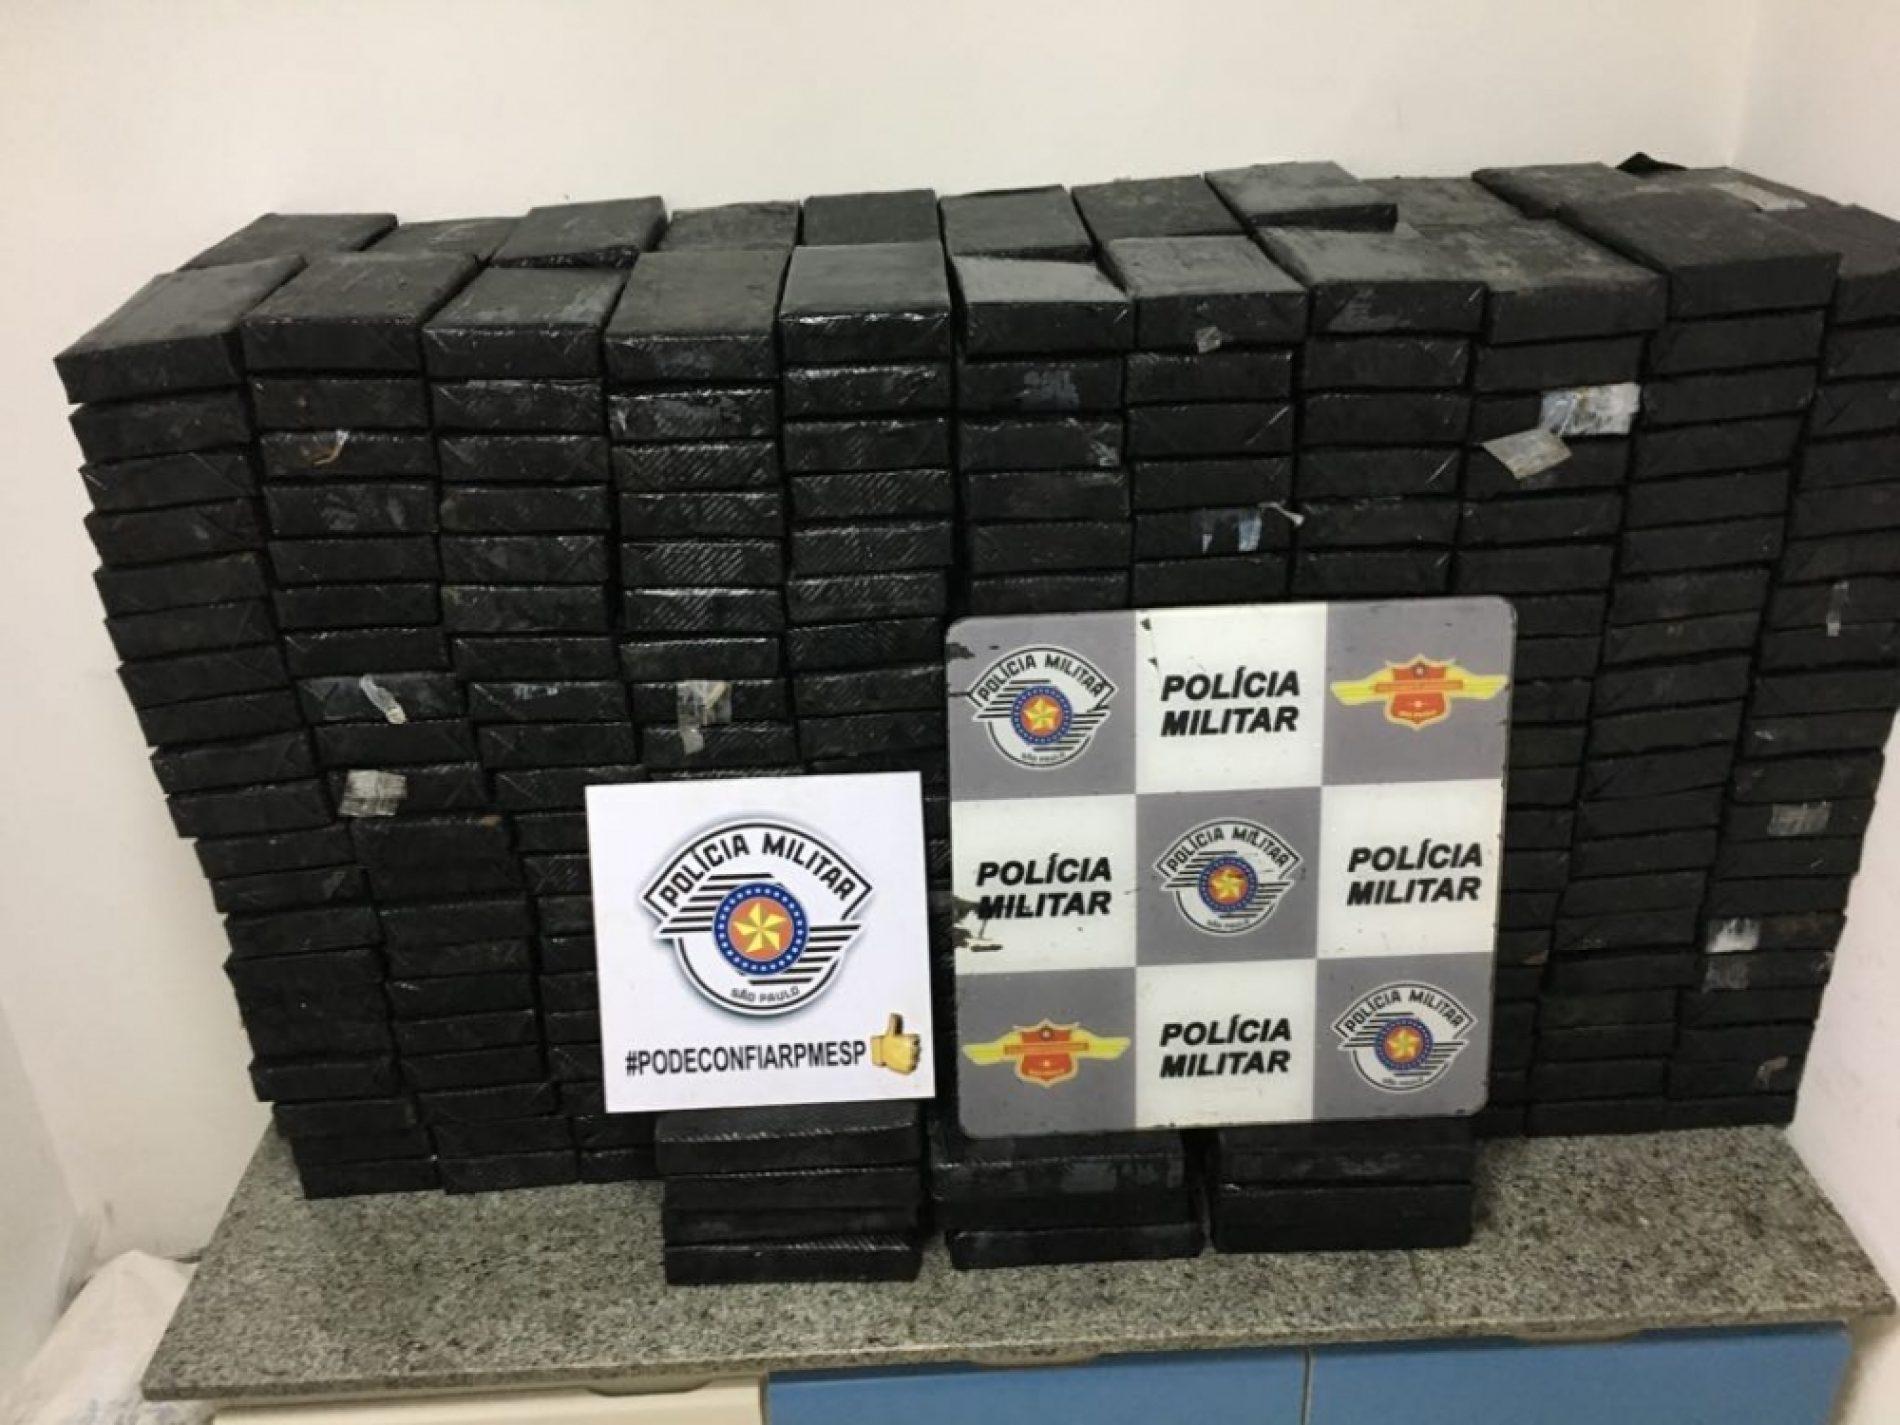 BARRETOS: Polícia apreende 495 kg de cocaína em caminhão